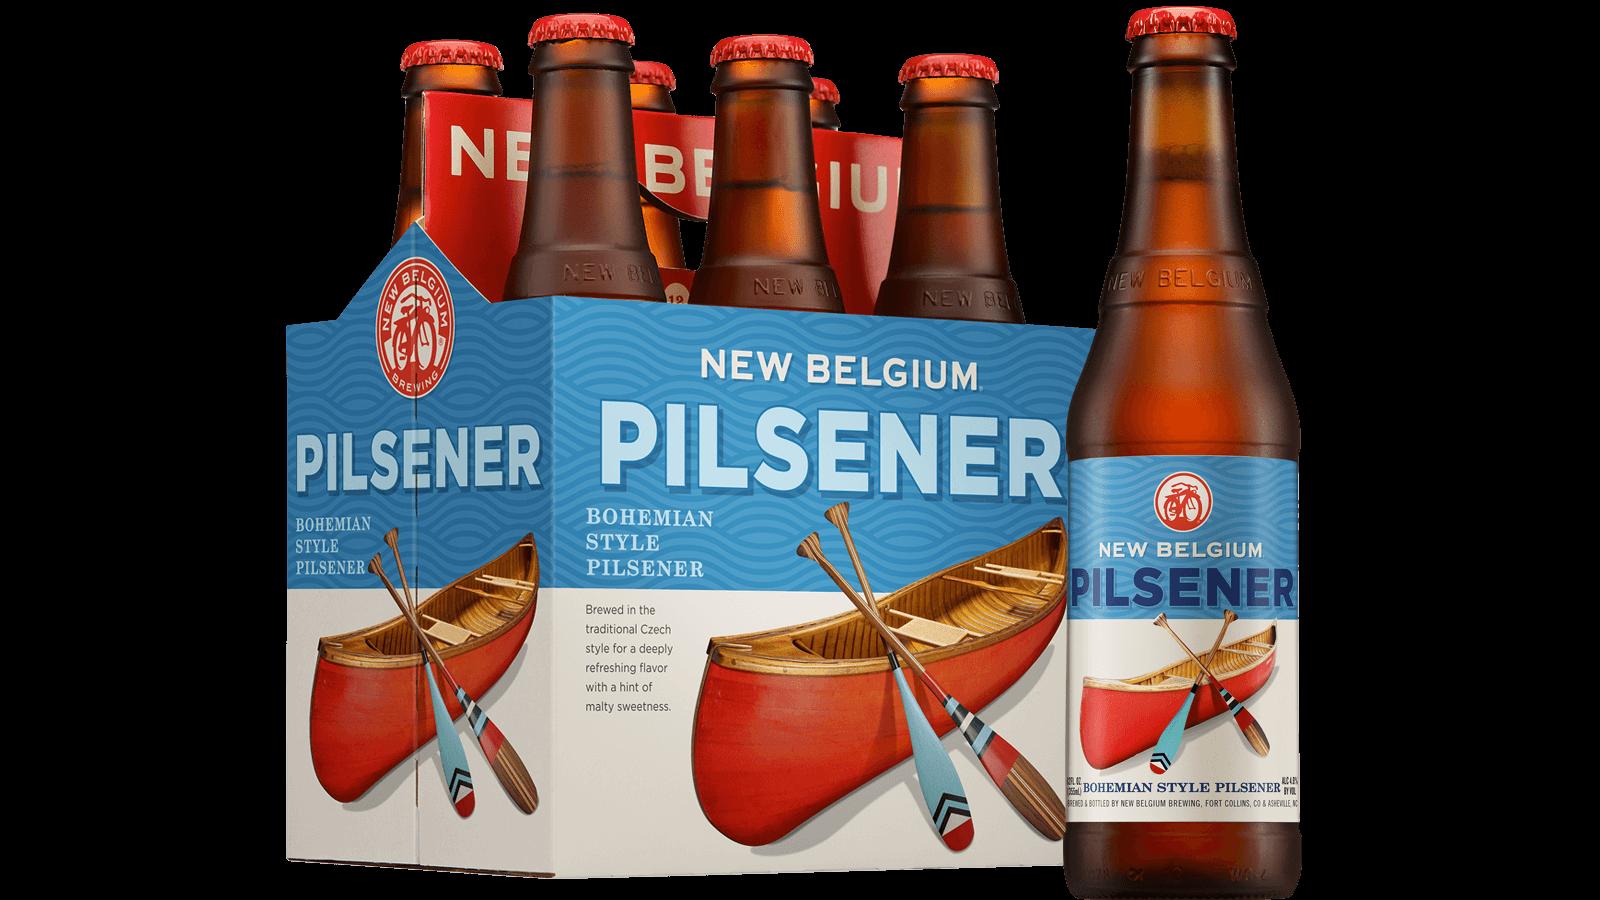 Pilsener Bohemian Style Pilsener New Belgium Brewing